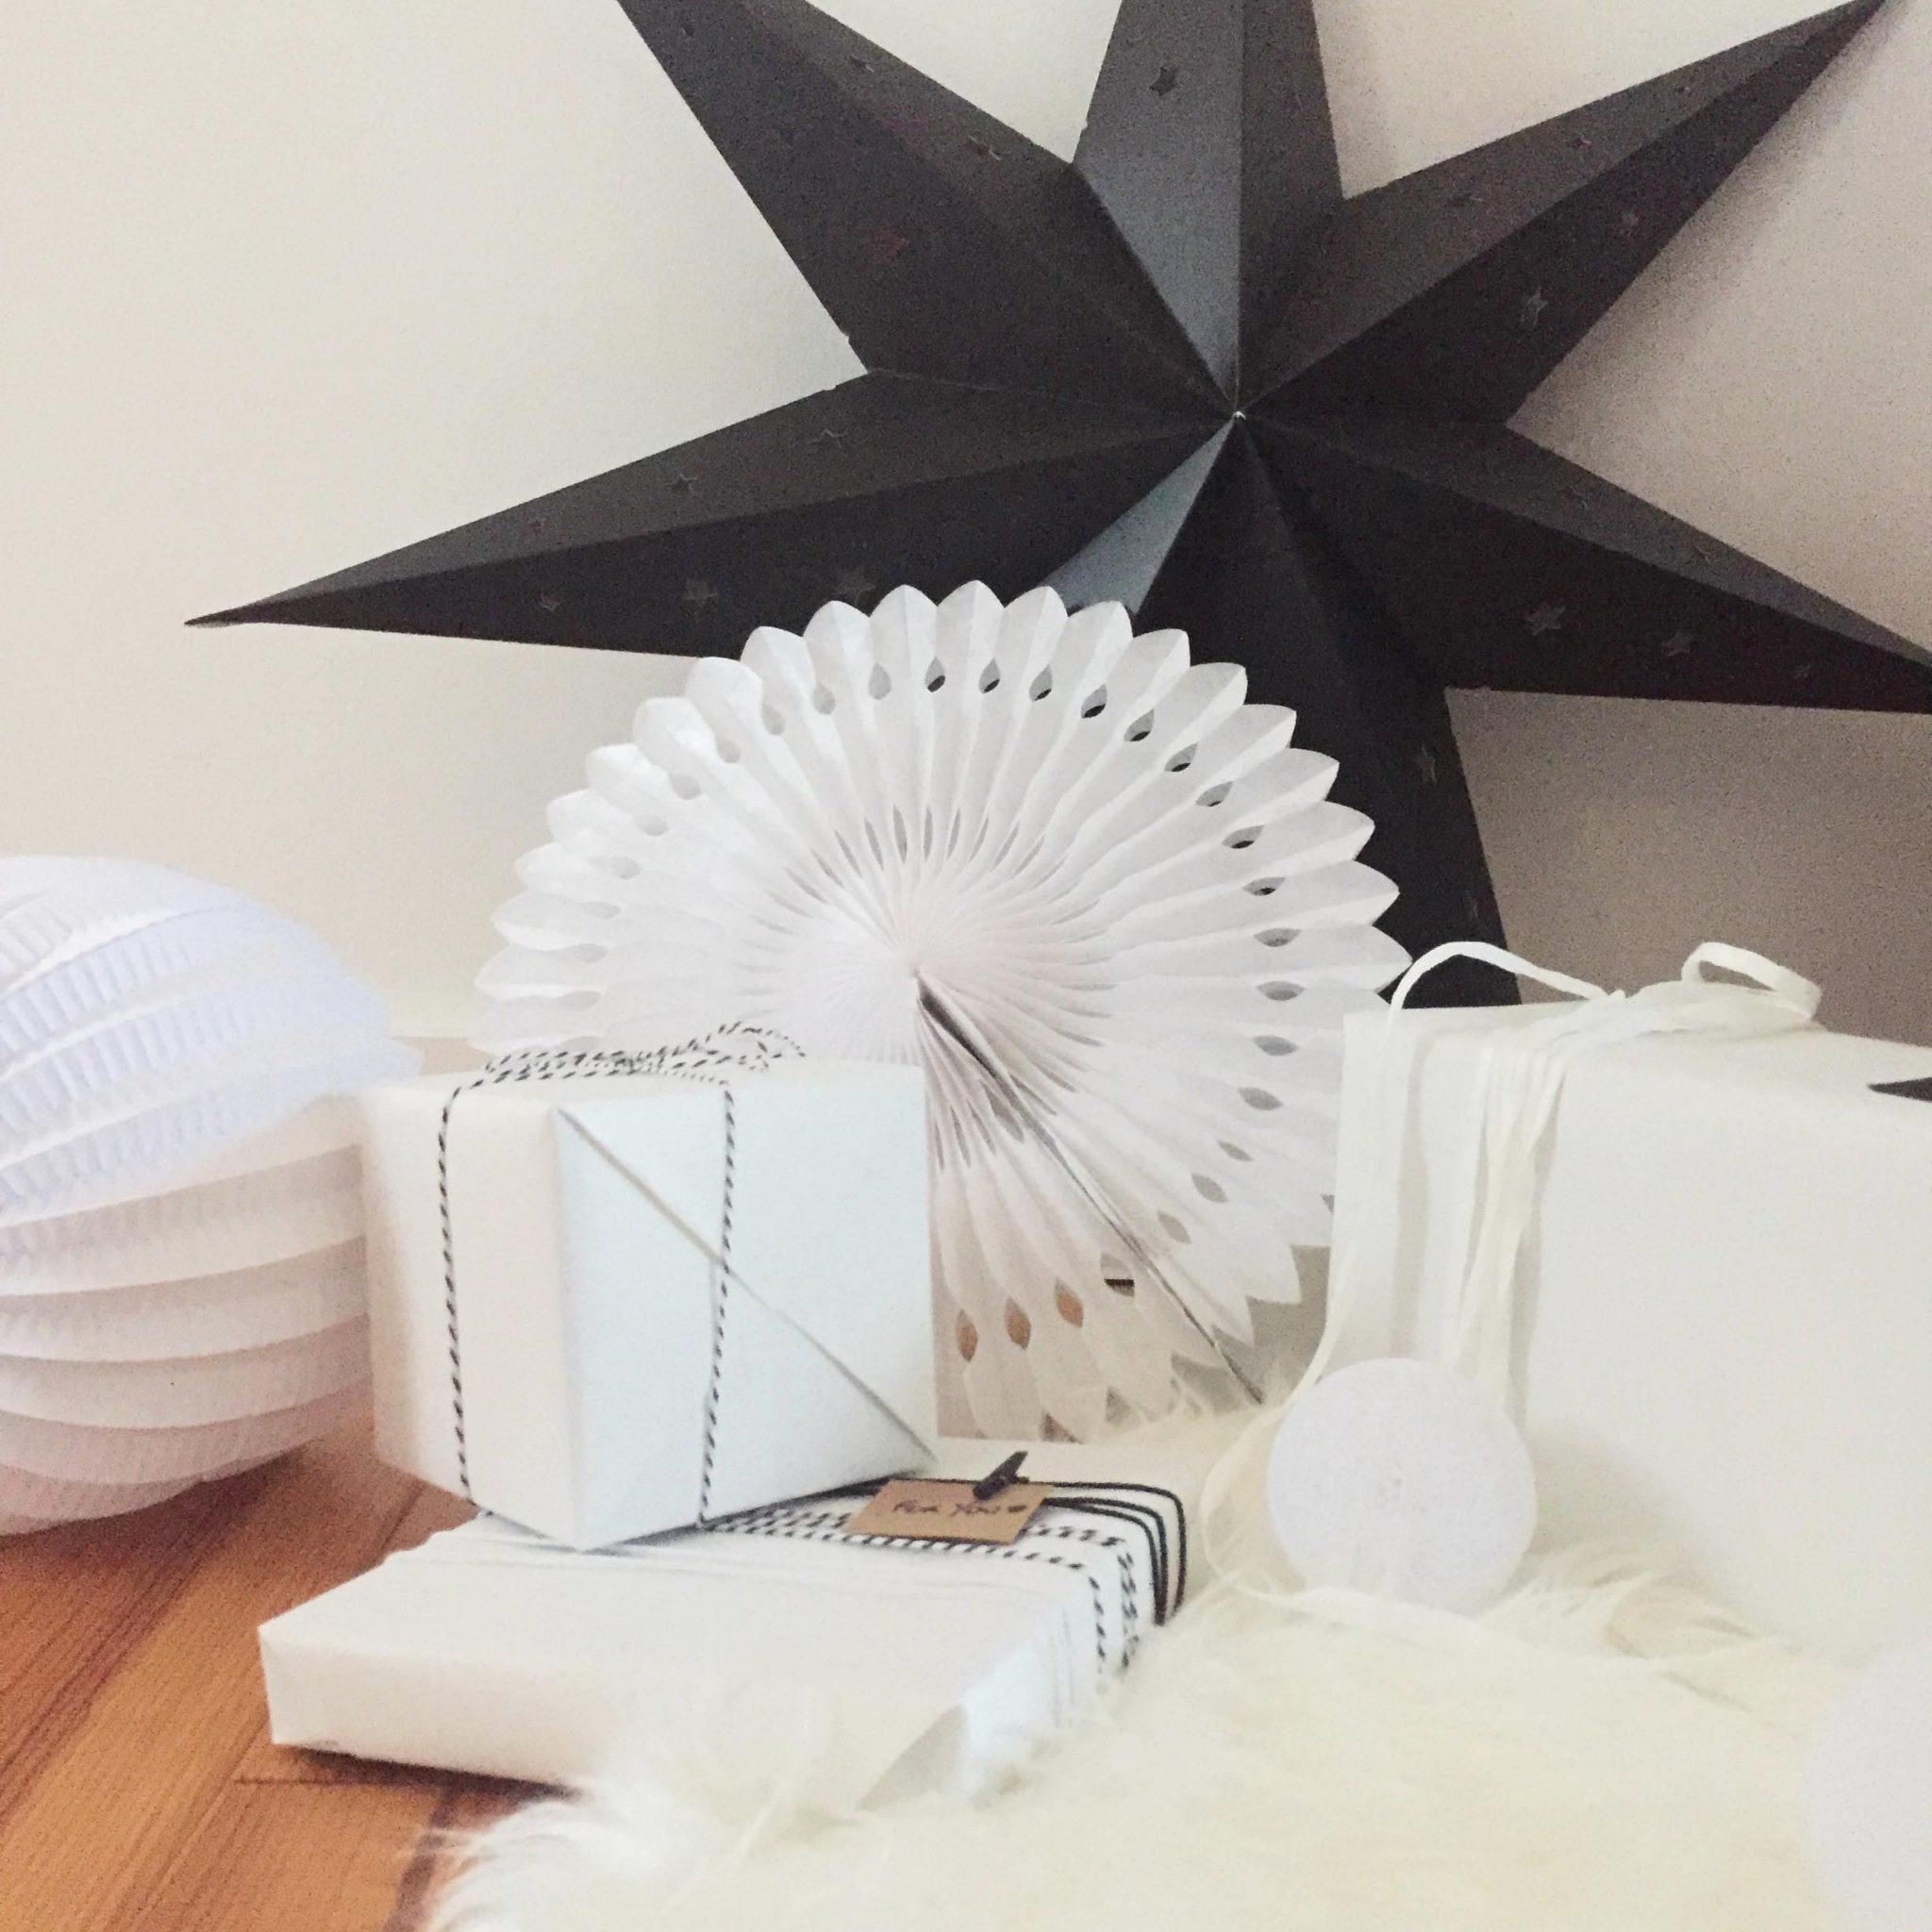 decoration de noel pierre papier ciseaux 2017 tendance black white noir blanc